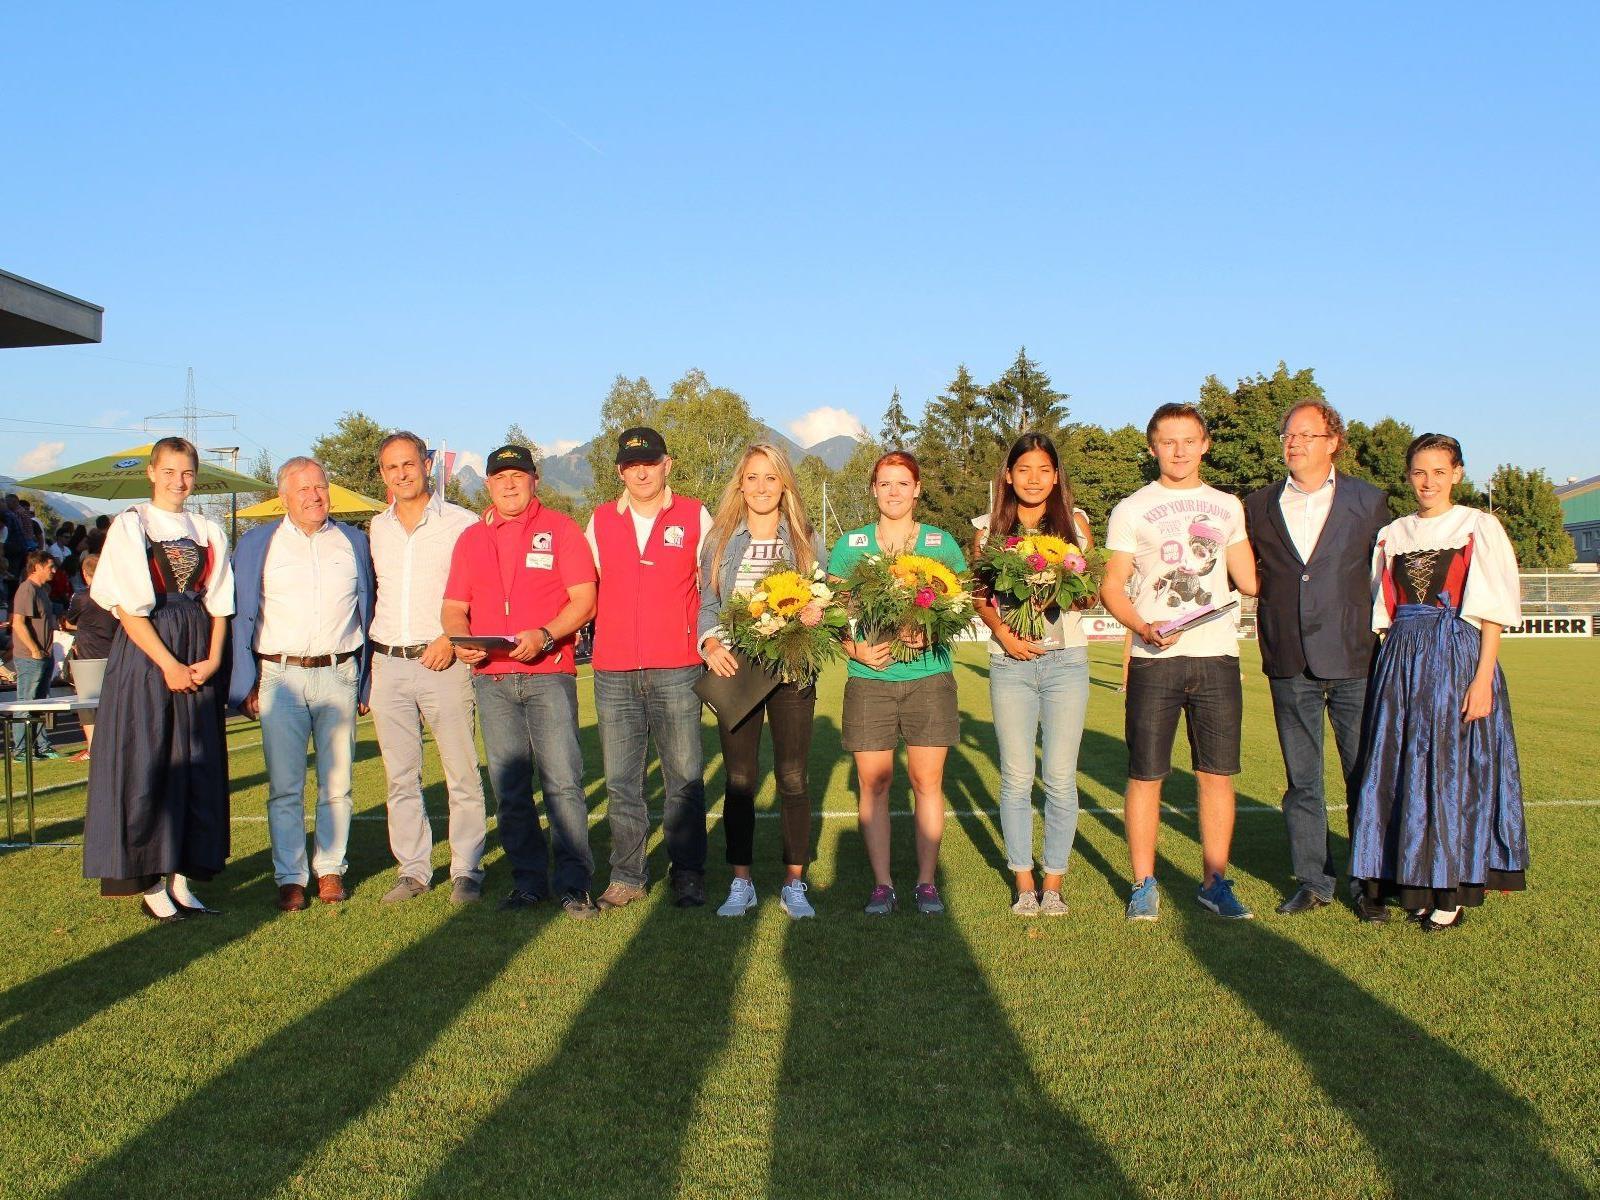 Marktgemeinde Nenzing ehrte ihre erfolgreichsten Sportlerinnen und Sportler.